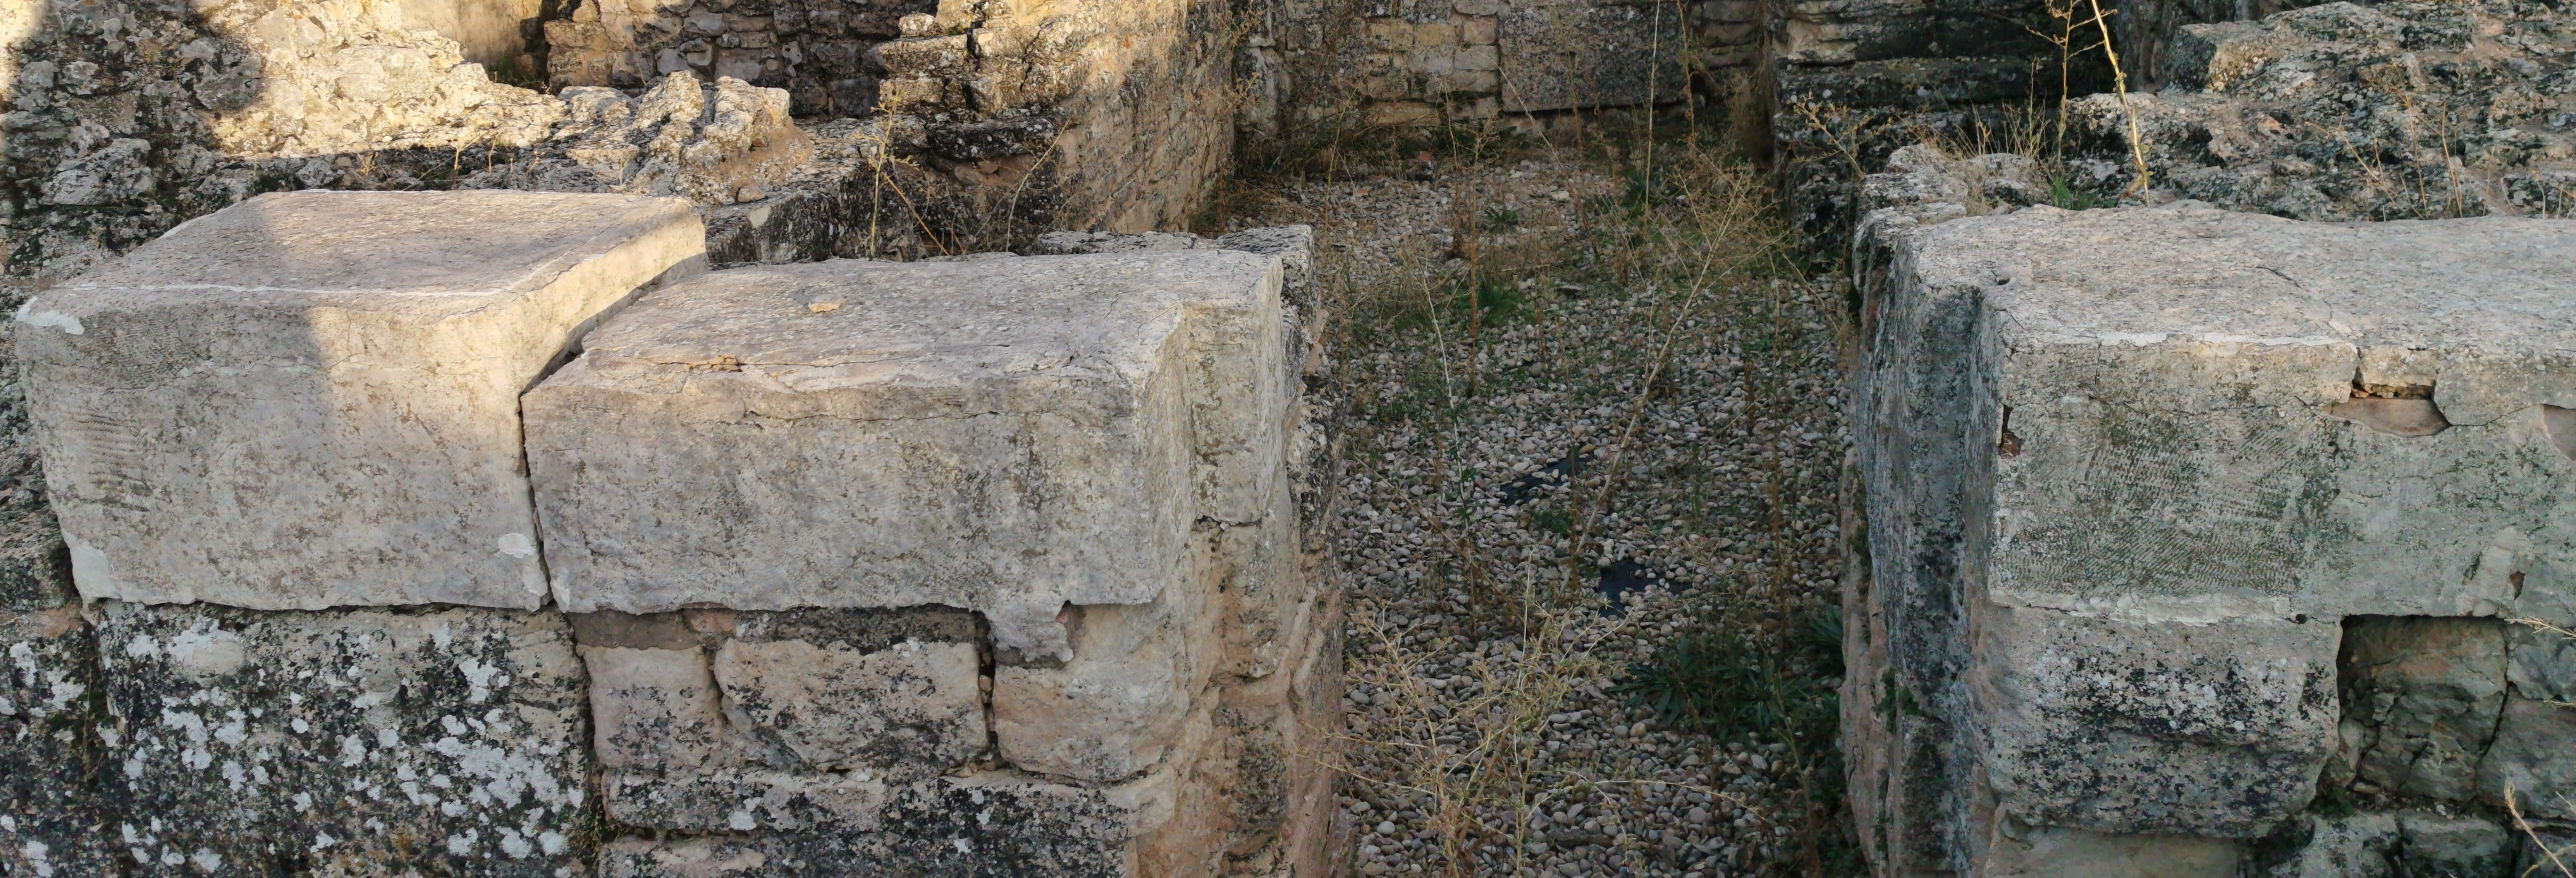 Excursão ao sítio arqueológico de Valeria